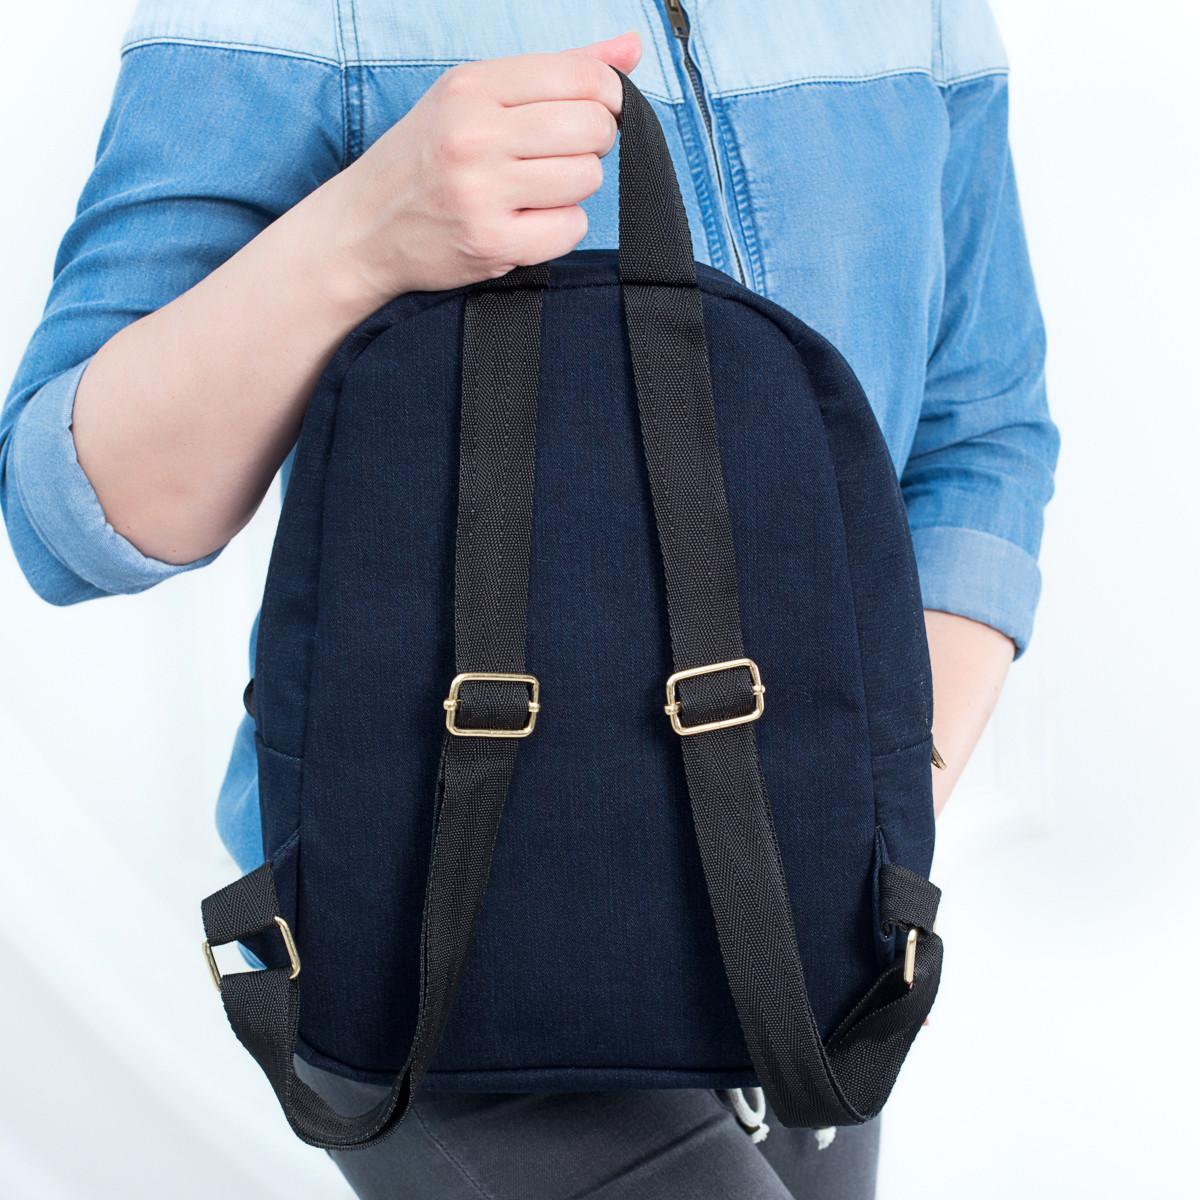 Стильный женский джинсовый рюкзак Mayers, темно-синий однотонный, фото 6